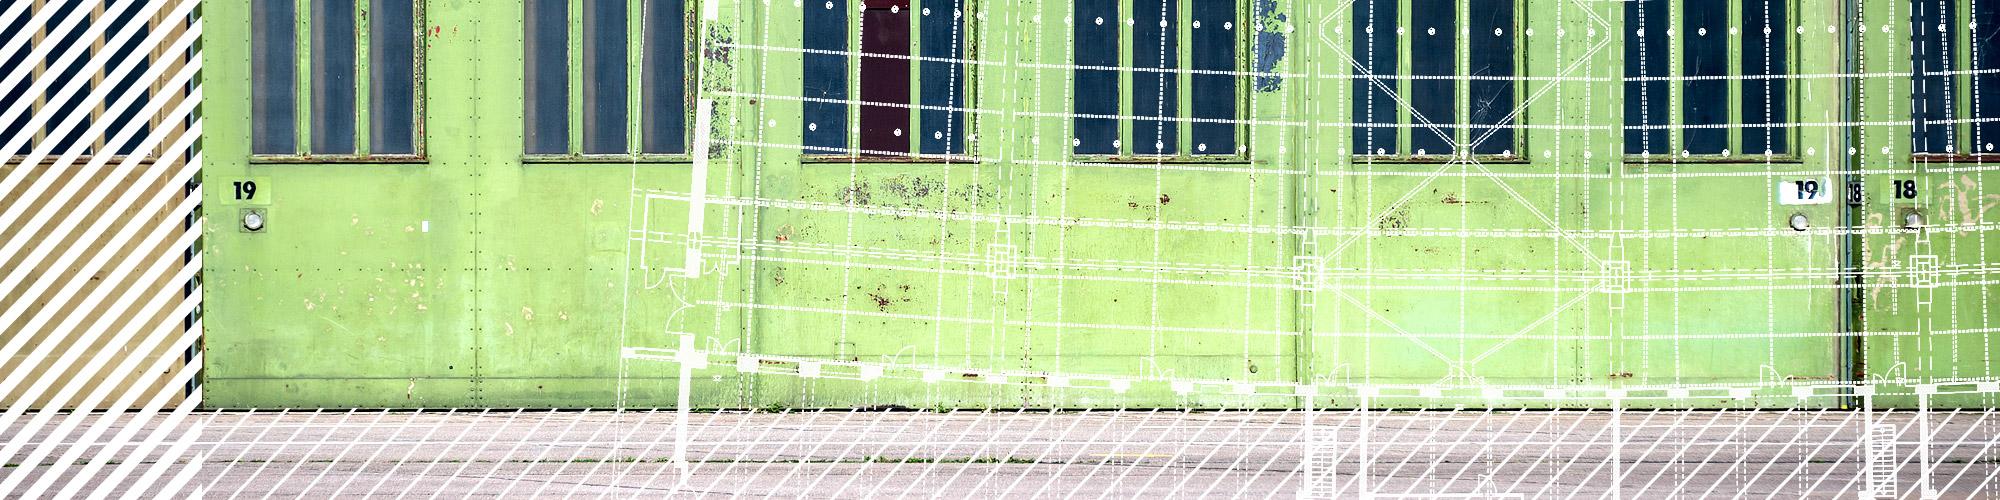 2000px_Header-grueneTueren_Ebene2.jpg